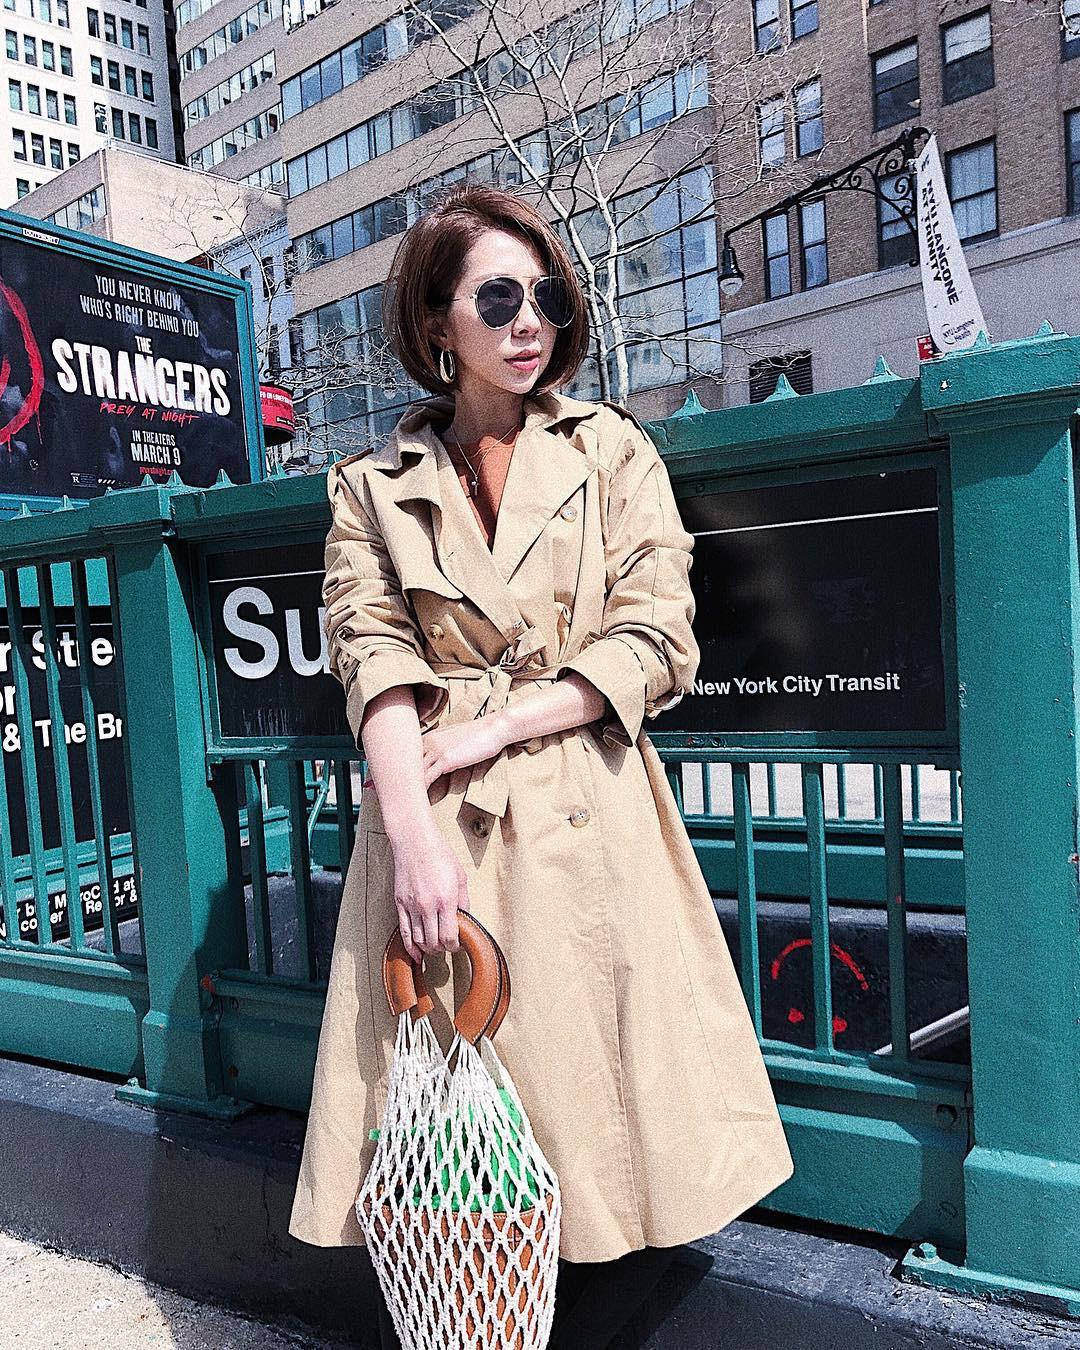 Mách bạn cách mặc đồ: Chọn được áo khoác hợp dáng người sẽ quyết định 80% bộ đồ đẹp - Ảnh 11.